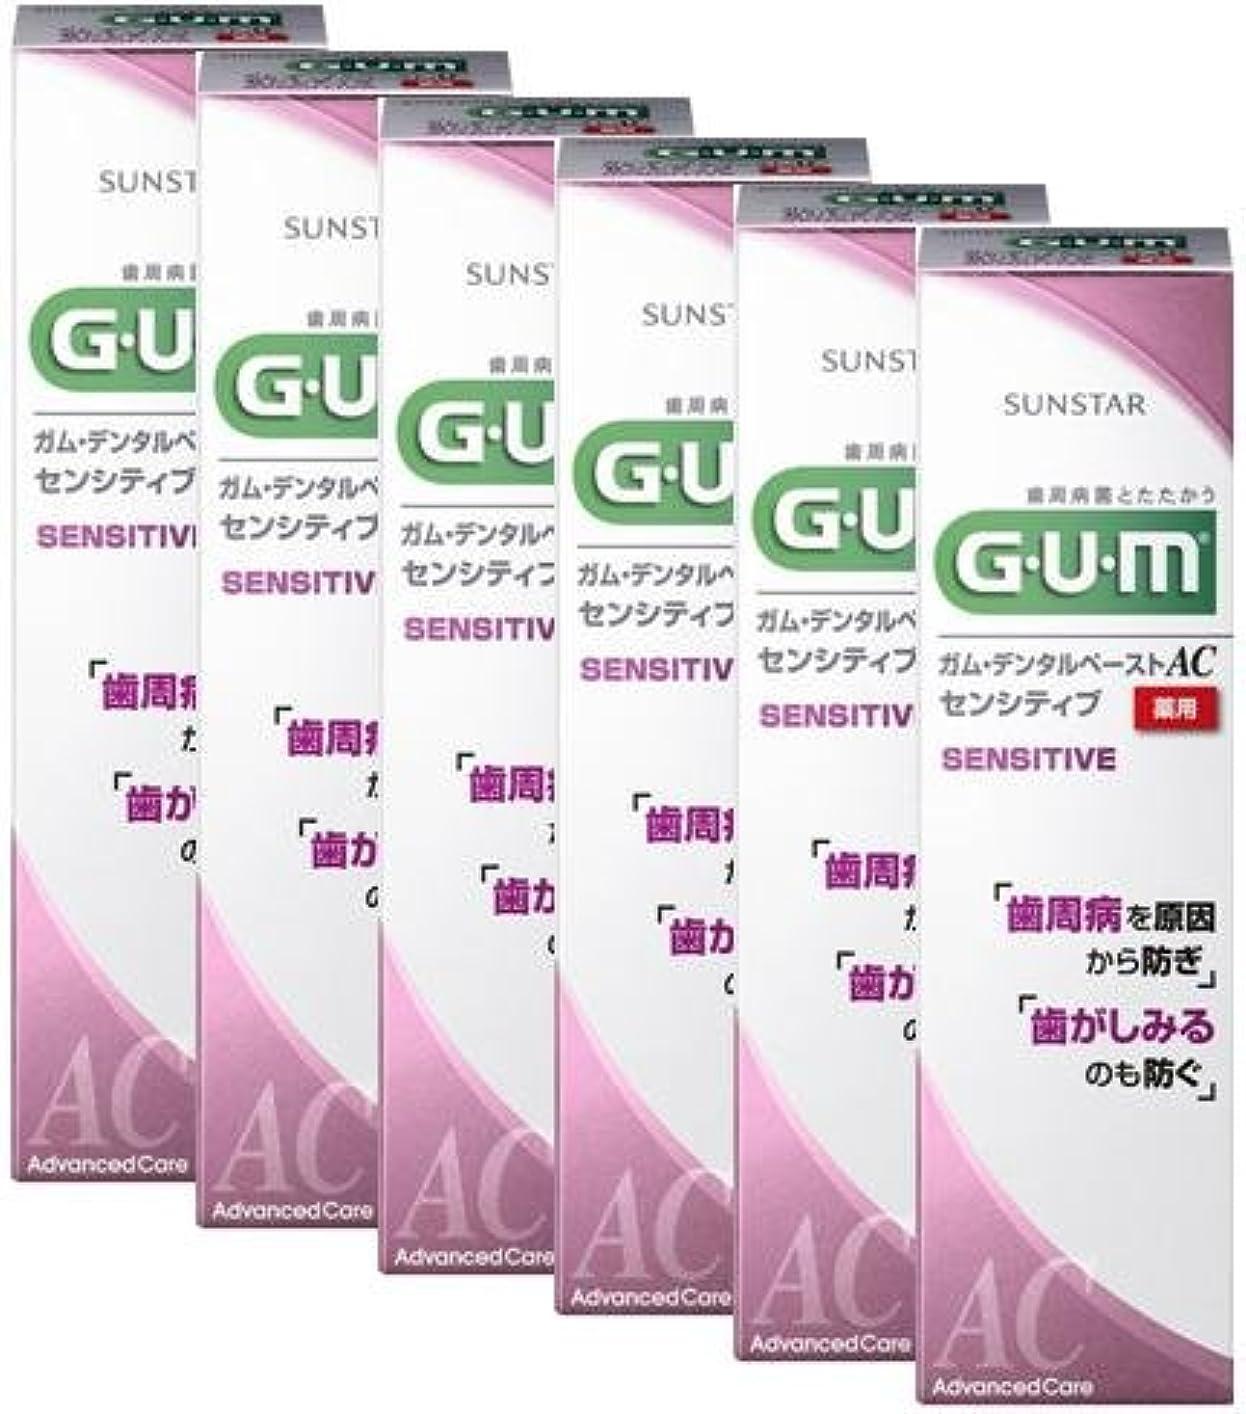 見込み眠る排他的GUM(ガム) デンタルペーストAC センシティブ 85g 【医薬部外品】【6点セット】